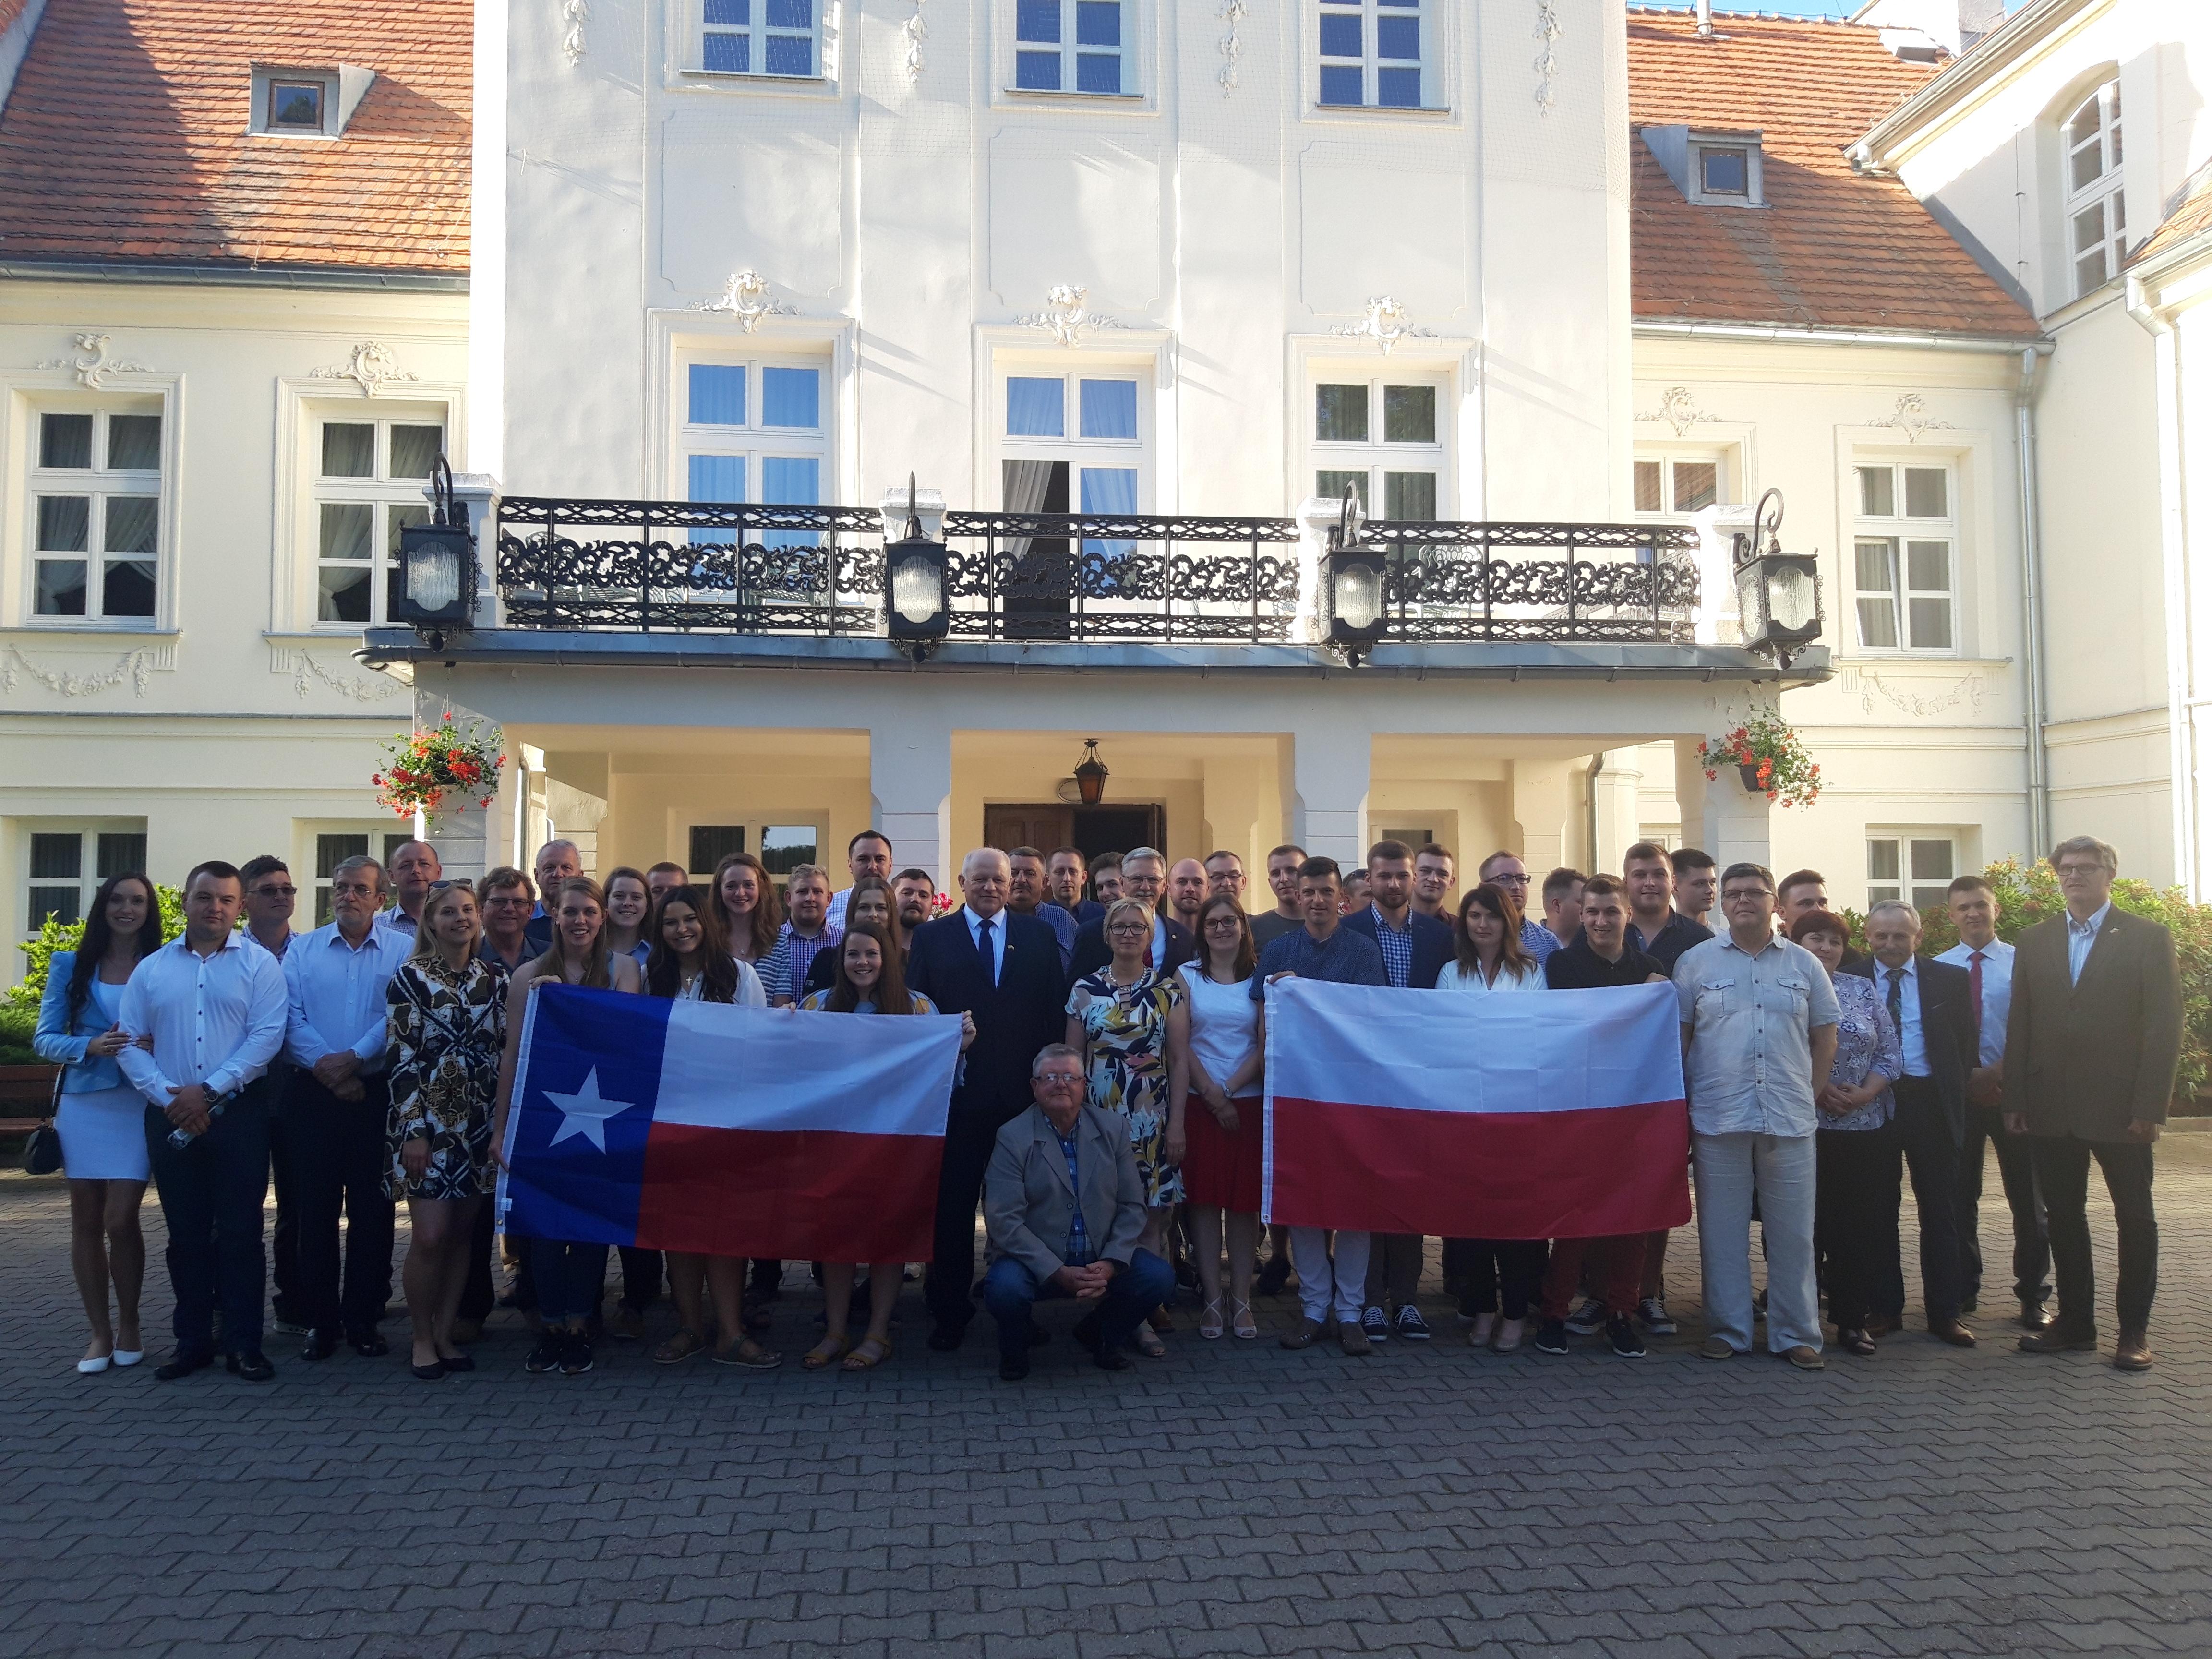 Spotkanie integracyjne uczestników wymiany Polska-Teksas